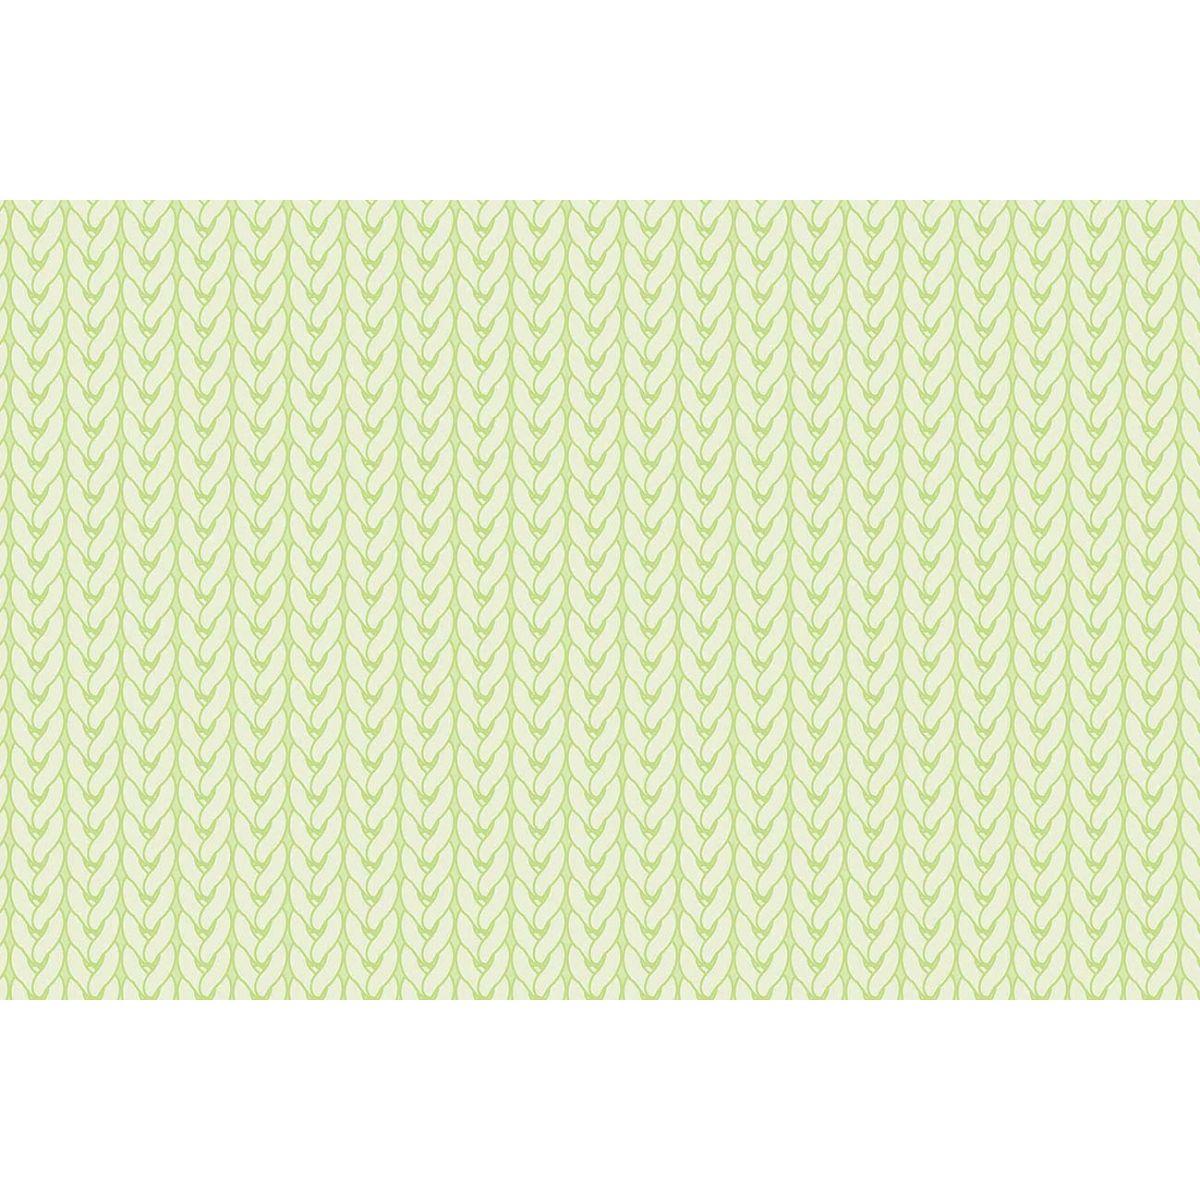 Tecido Digital Tricô Verde Menta  - Tecidos Digitais